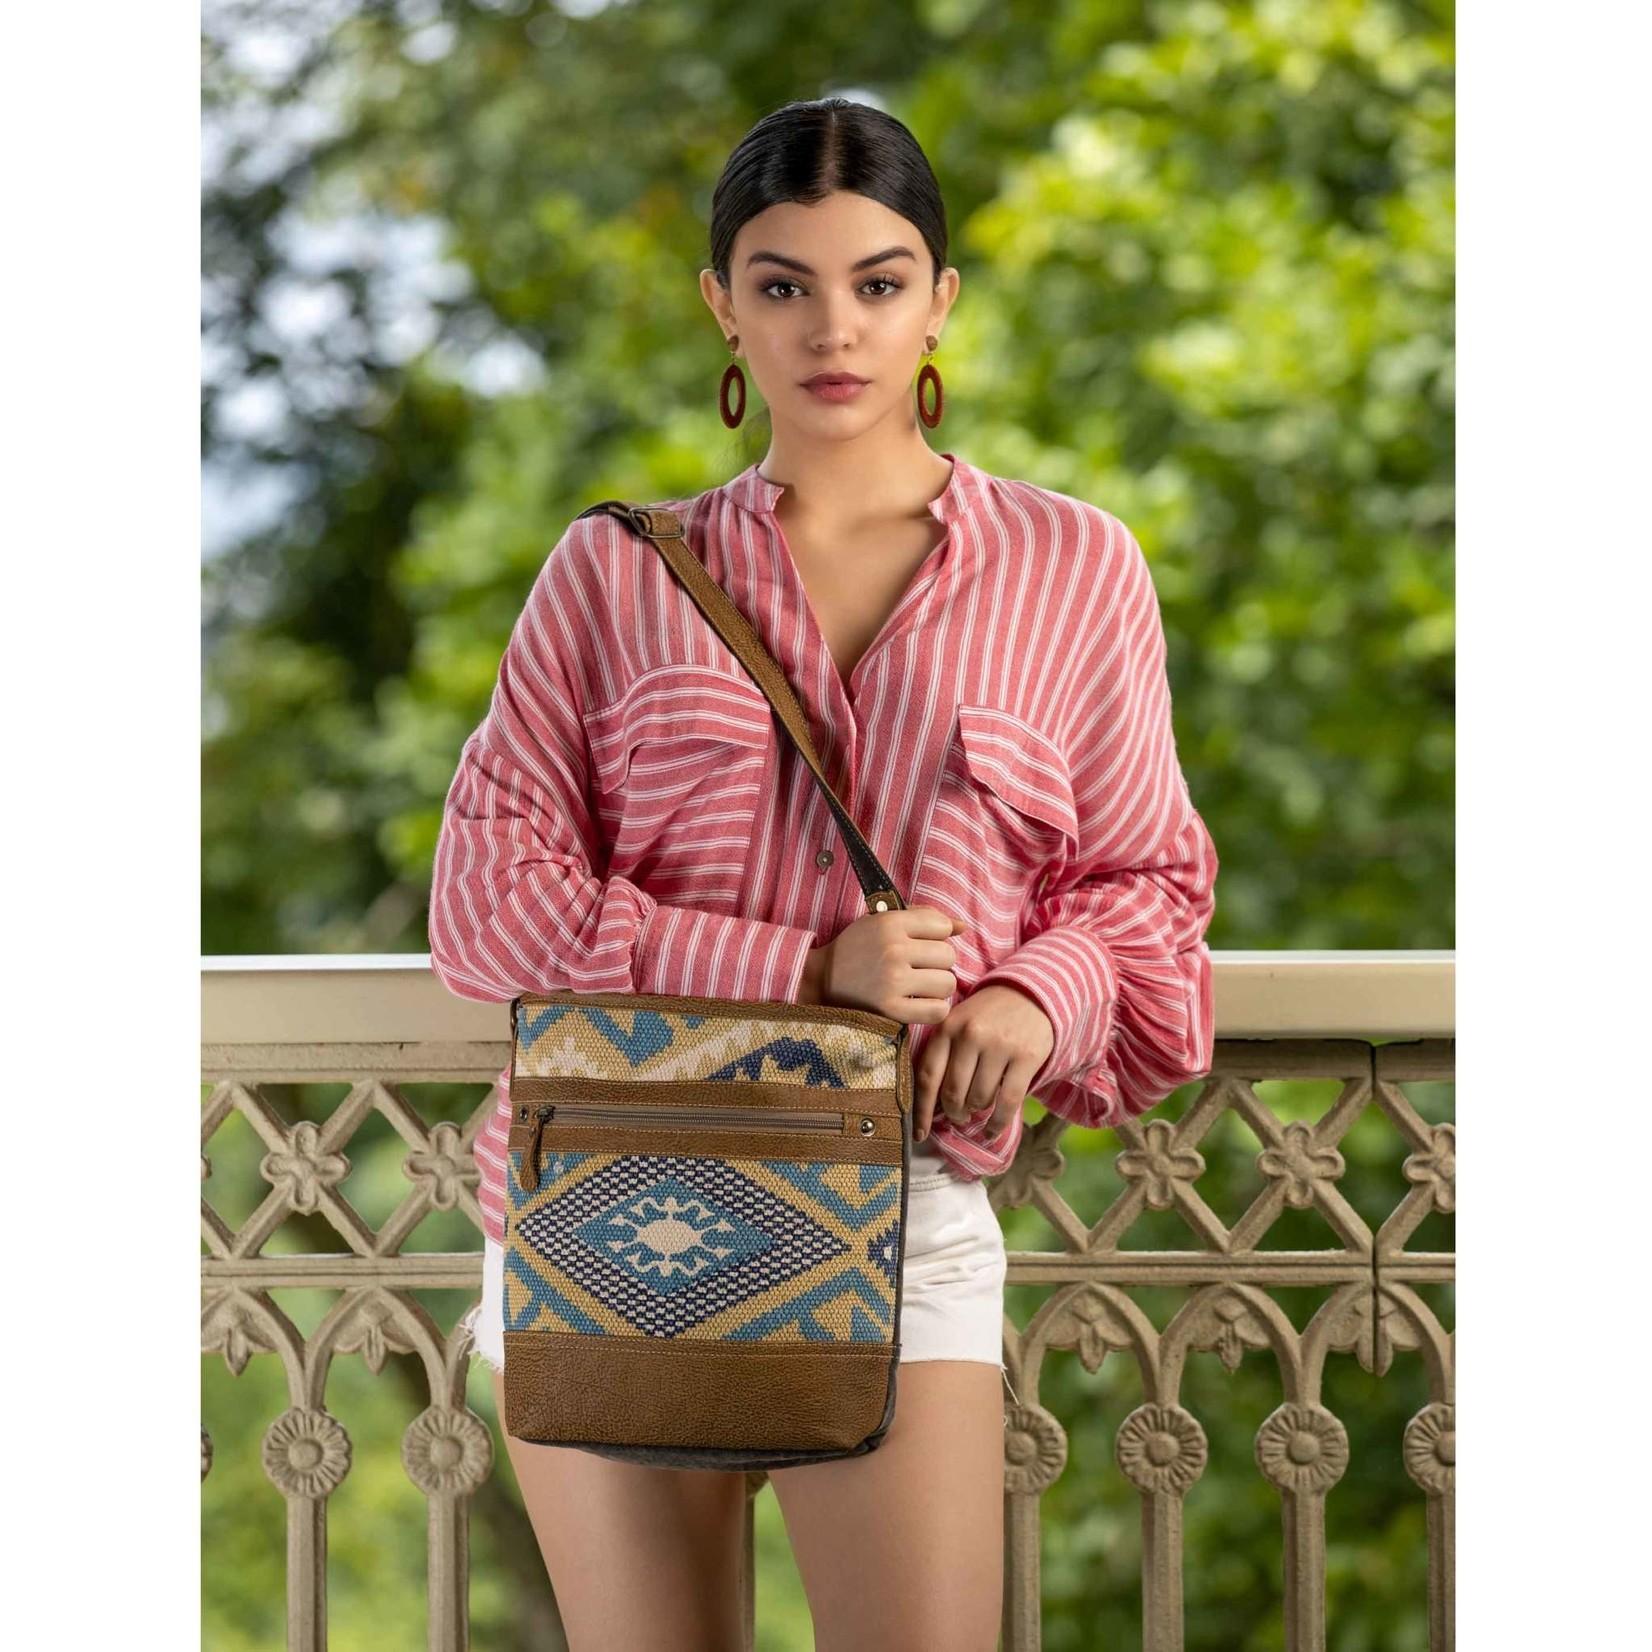 Myra Bags S-2551 Indigo Craft Shoulder Bag